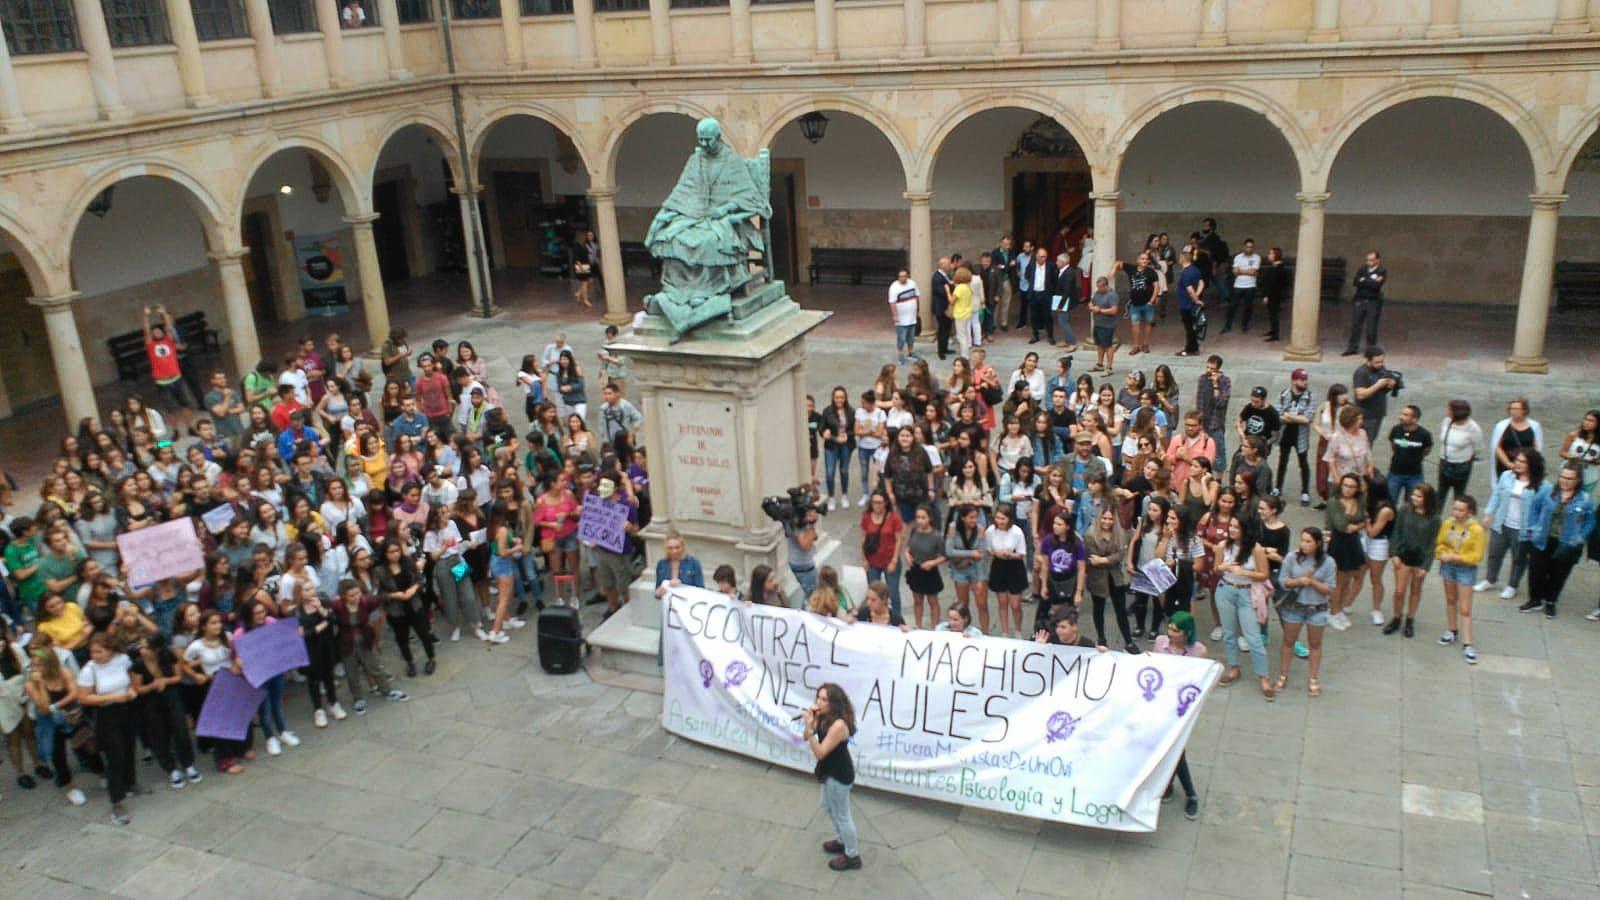 Las alumnas de la asamblea de estudiantes leen el manifiesto